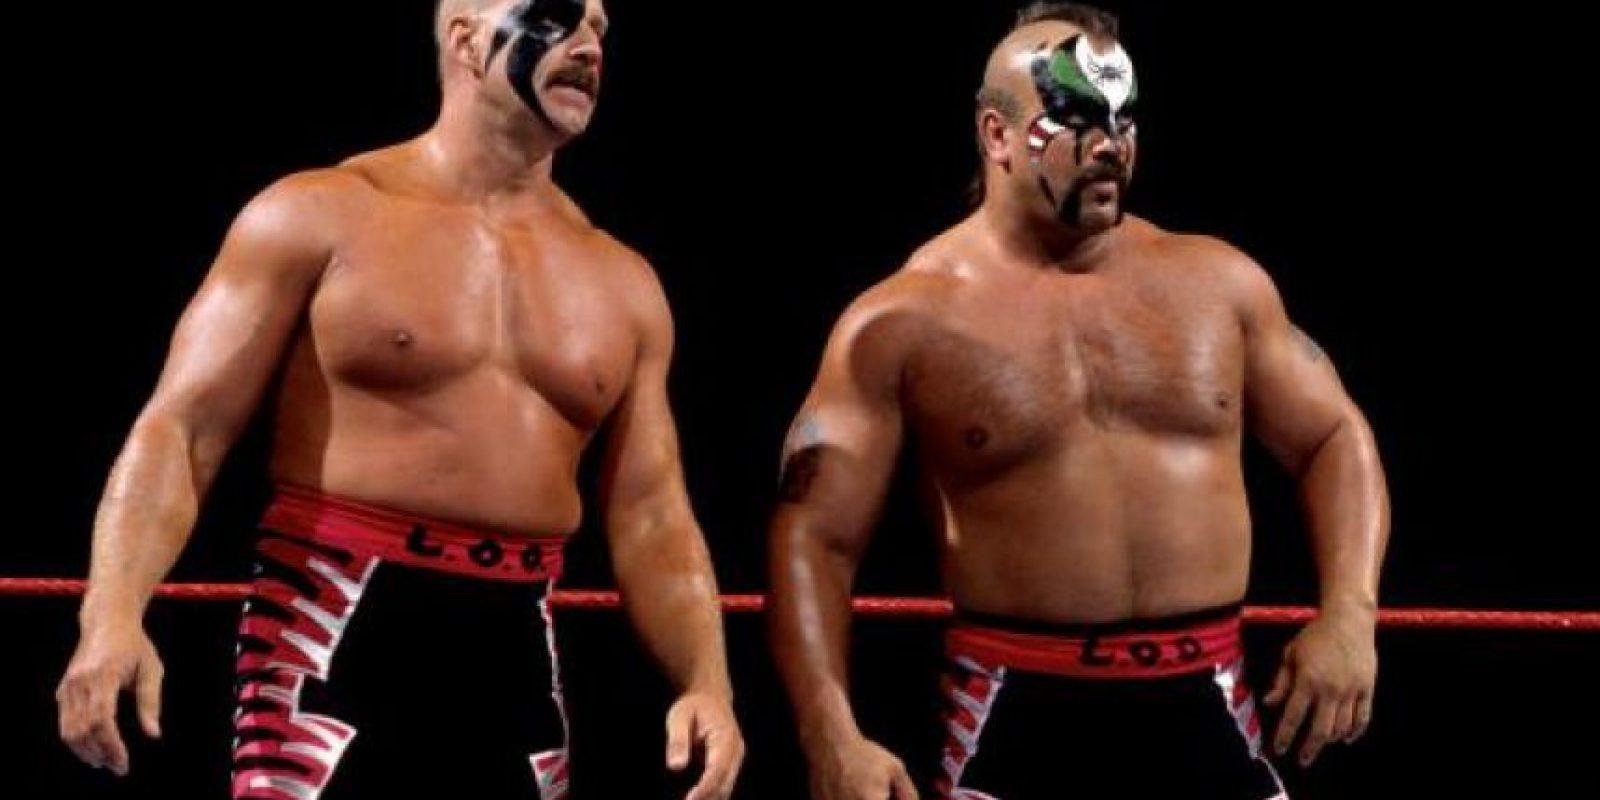 Conocidos como Road Warriors son una de las parejas más ganadoras de la lucha libre Foto:WWE